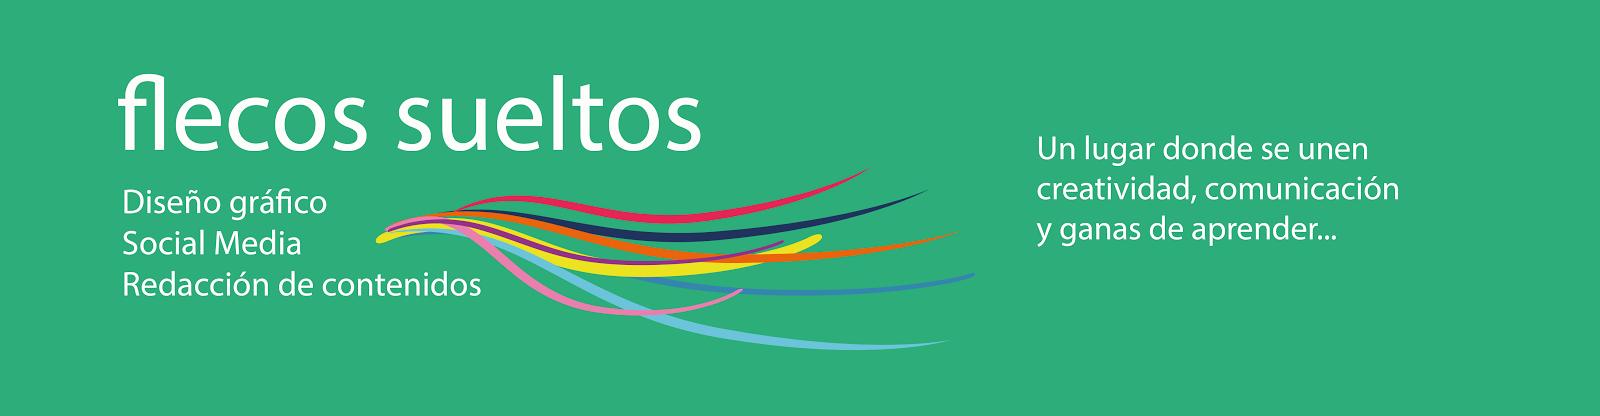 FlecosSueltos: Redes Sociales, Diseño Gráfico y Contenidos